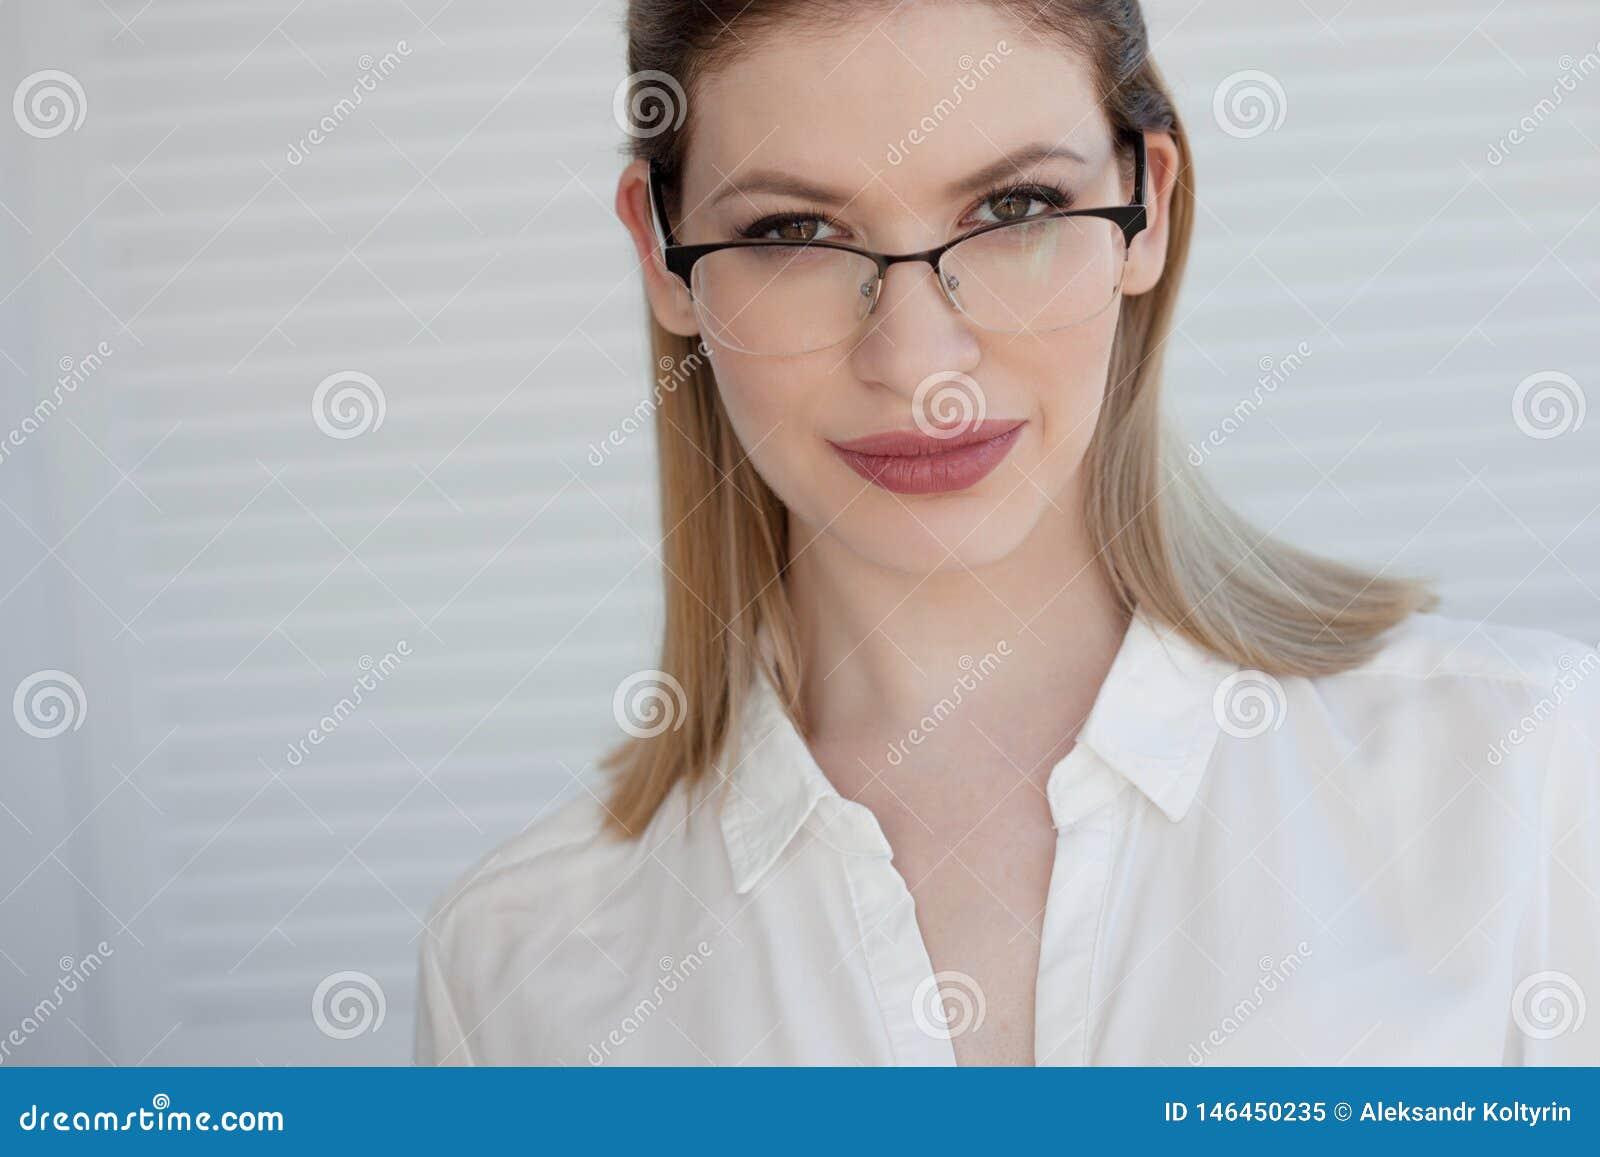 Портрет молодой стильной бизнес-леди в белой рубашке и стеклах